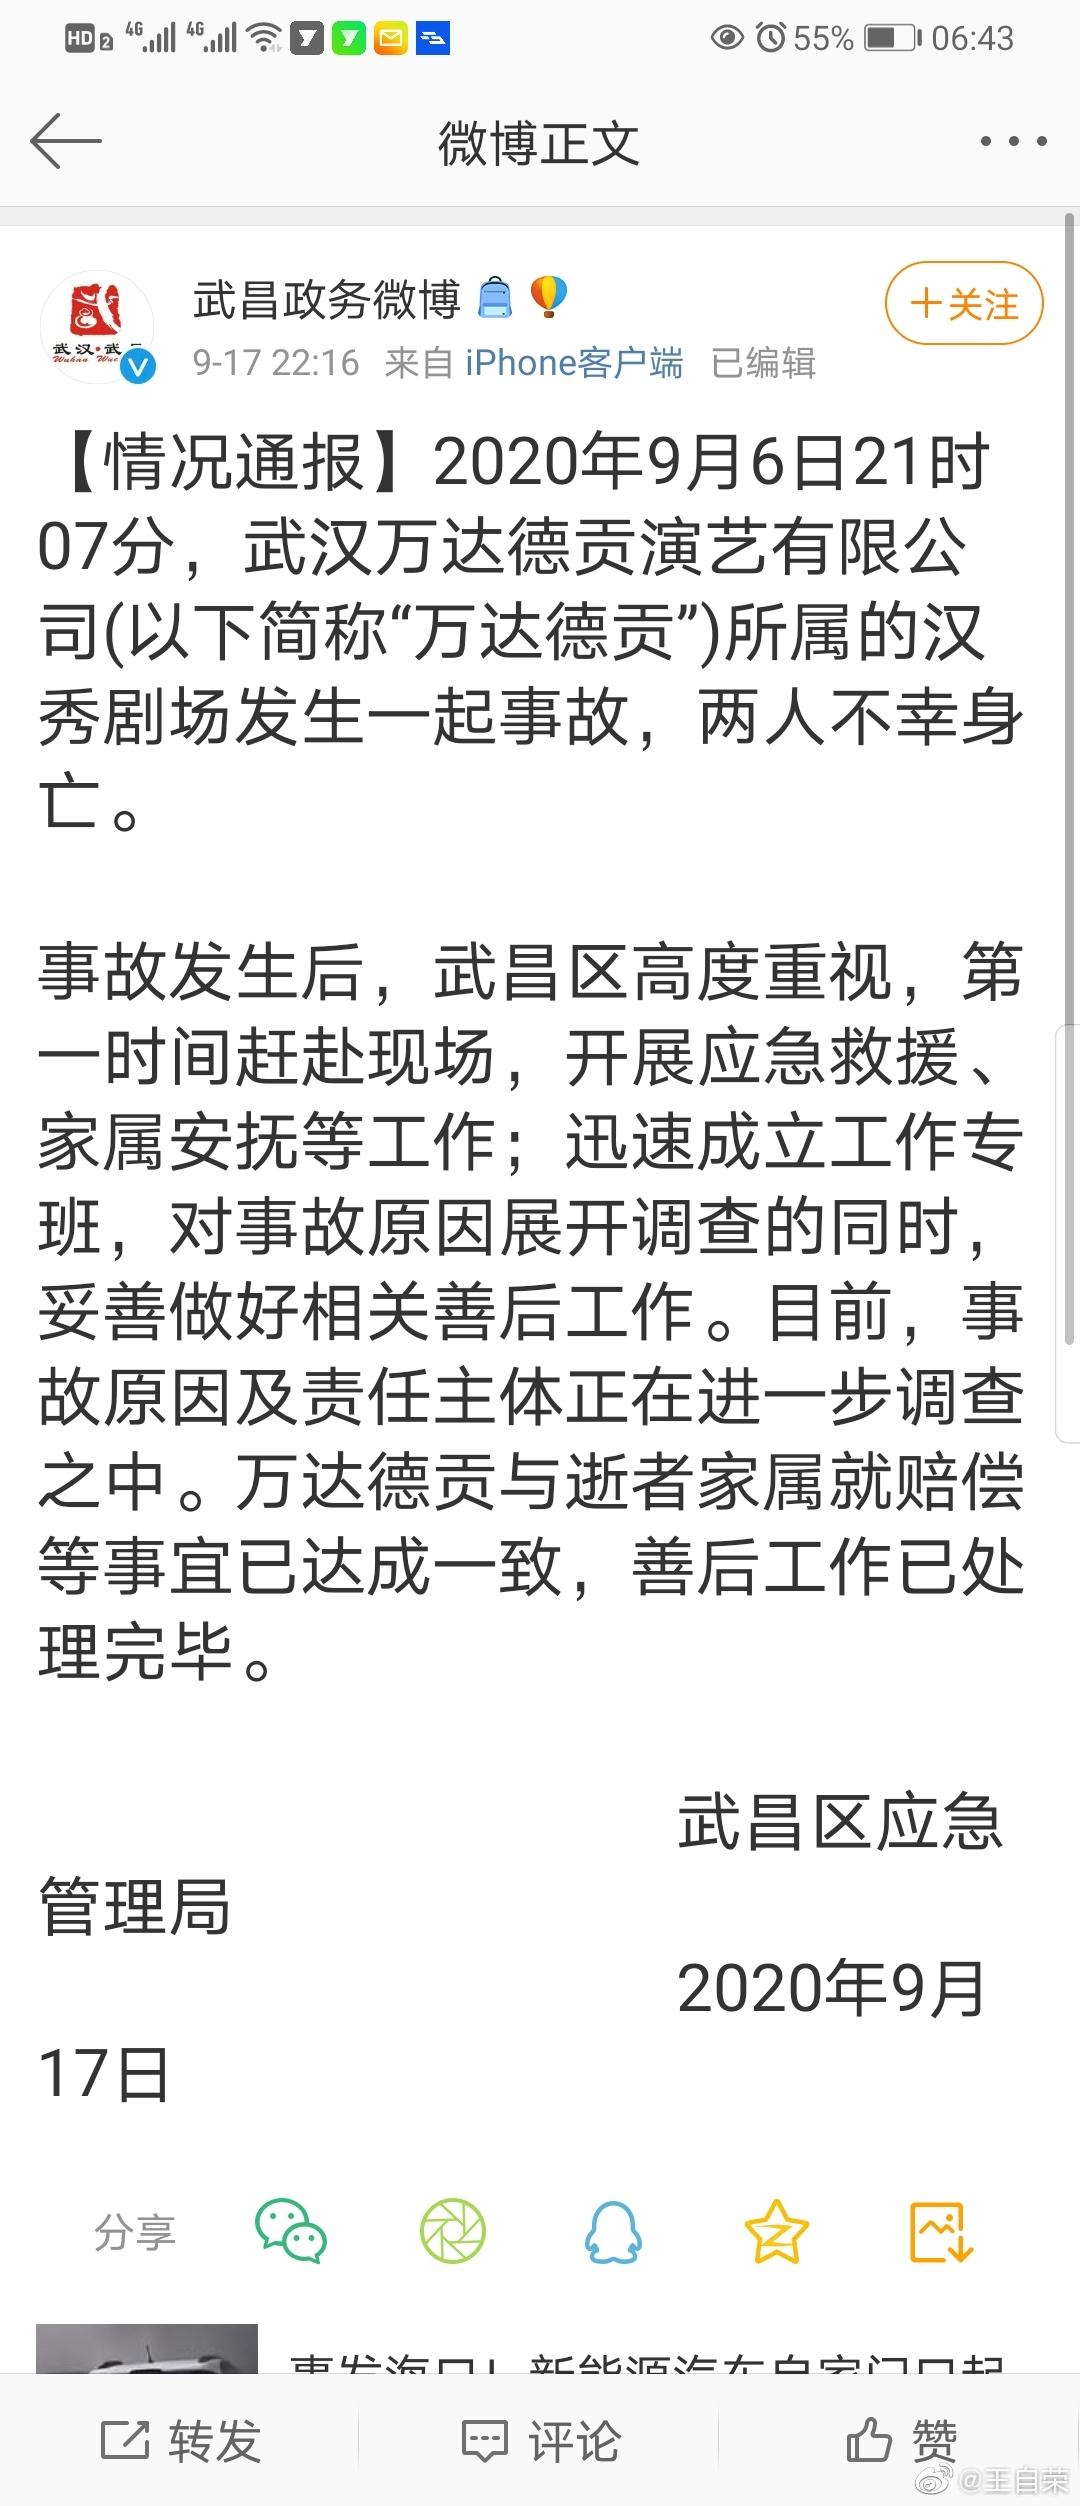 (武昌区政府官方微博)的通报含糊其辞,再看看博友的,一目了然。